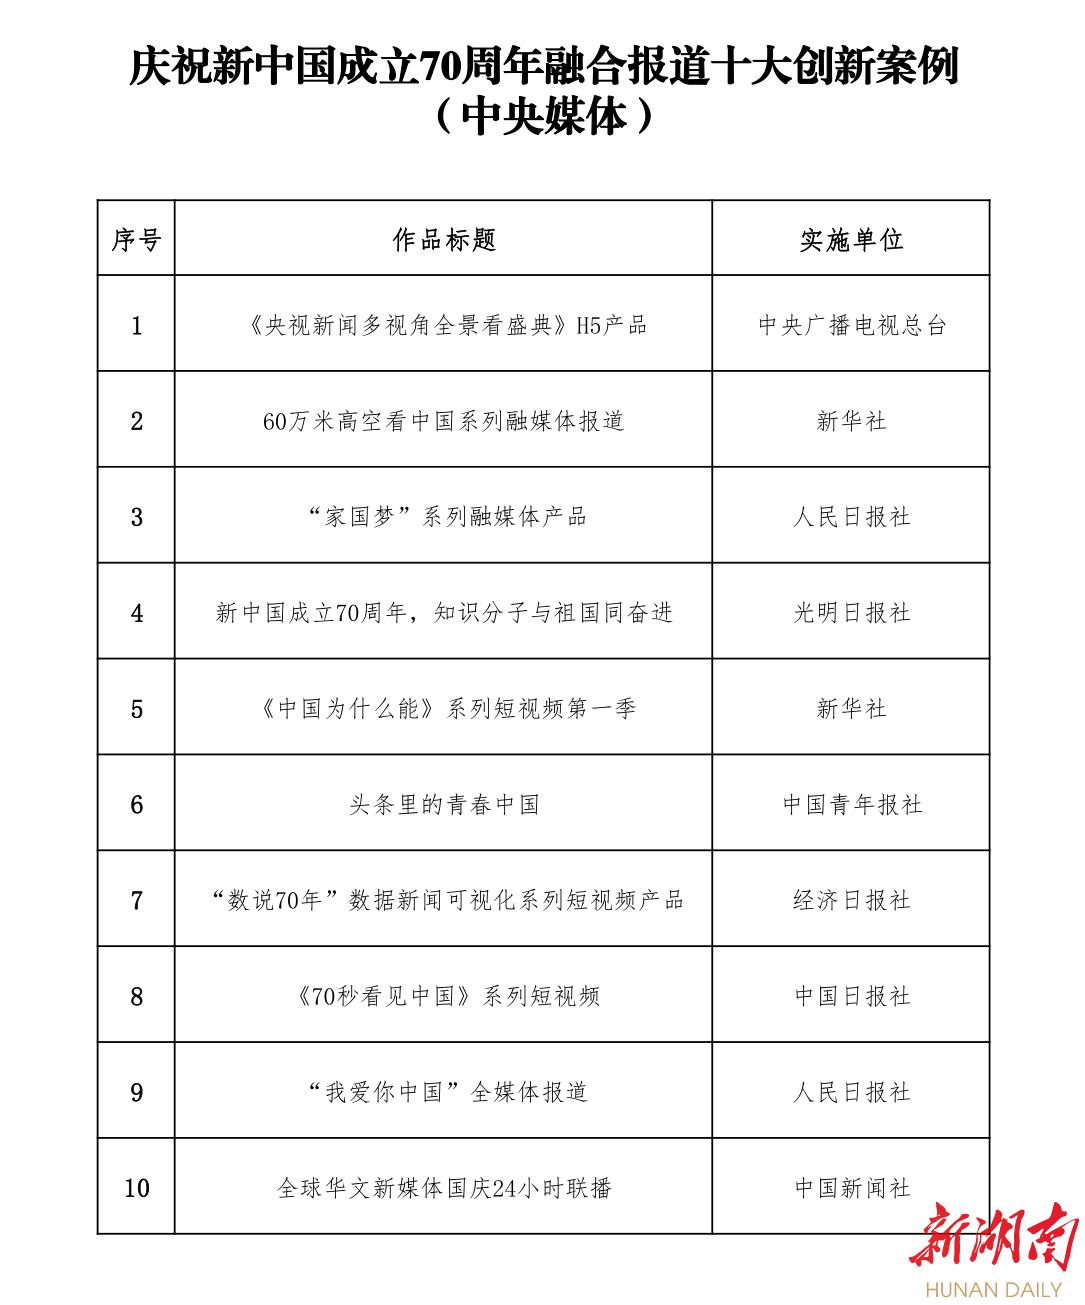 速看!庆祝新中国成立70周年融合报道20大创新案例出炉 新湖南www.hunanabc.com